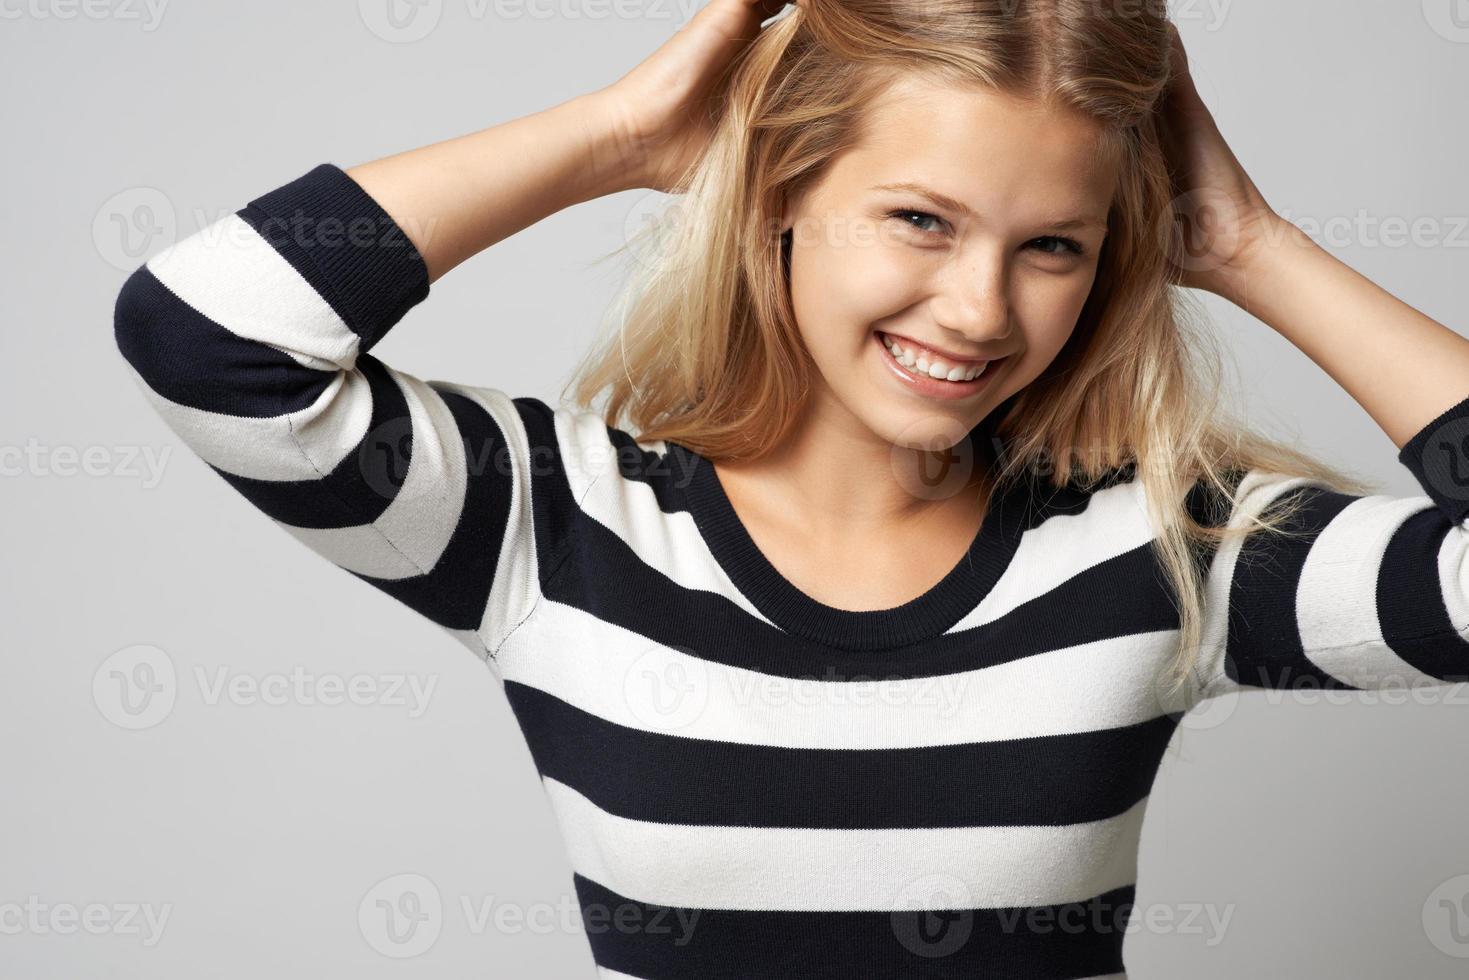 belle fille dans un pull rayé mignon souriant photo